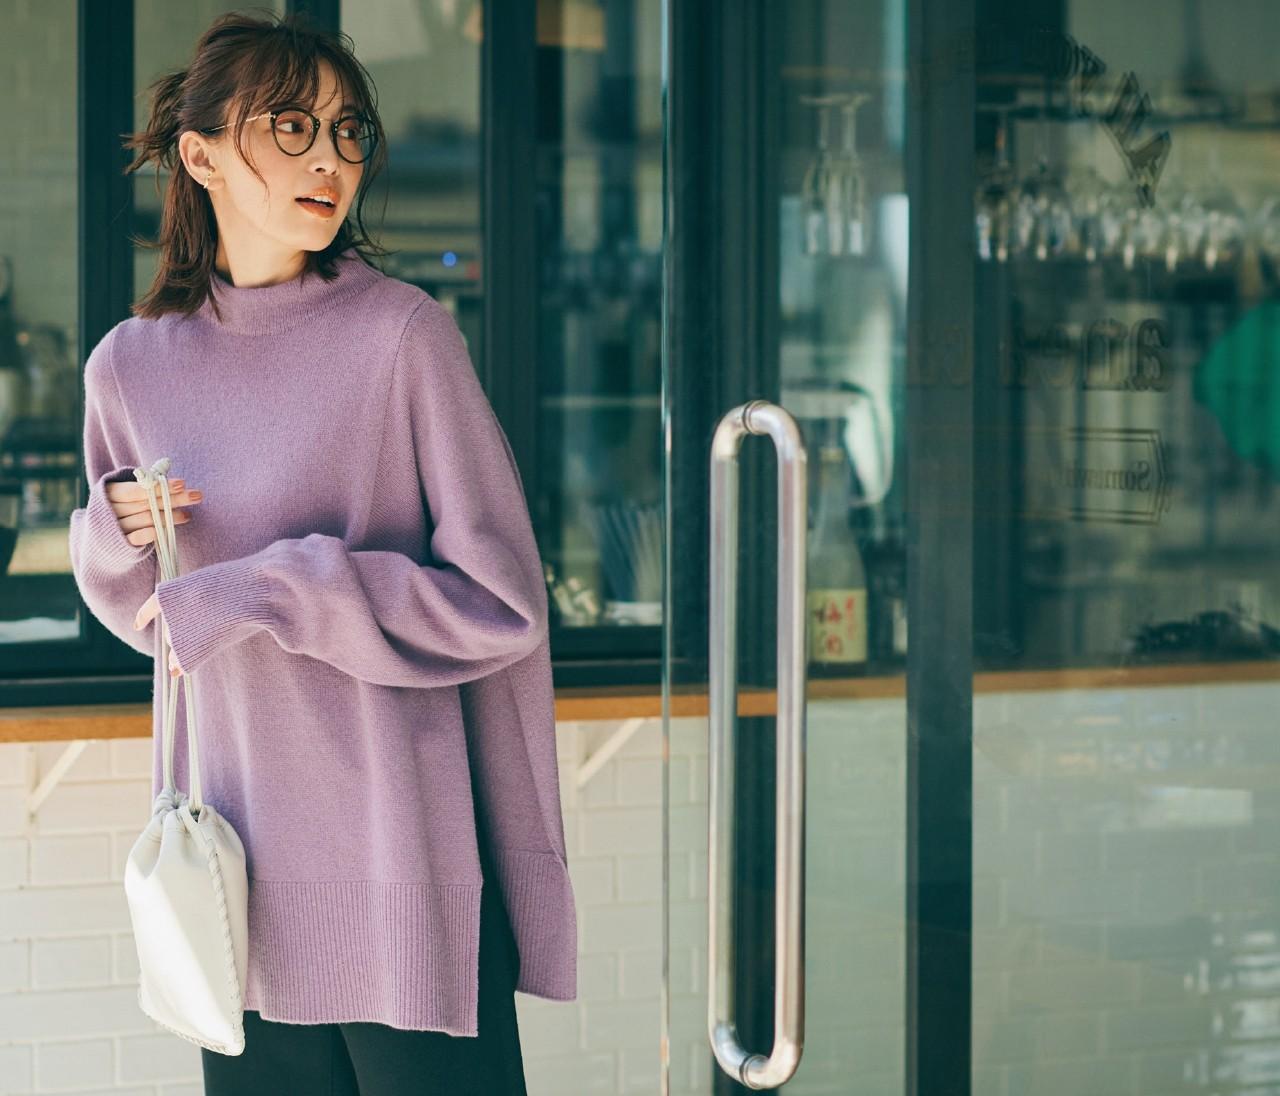 アンダー1万円の実力派「ミラ オーウェン」の2wayデザインニットはアレンジ幅がすごい!